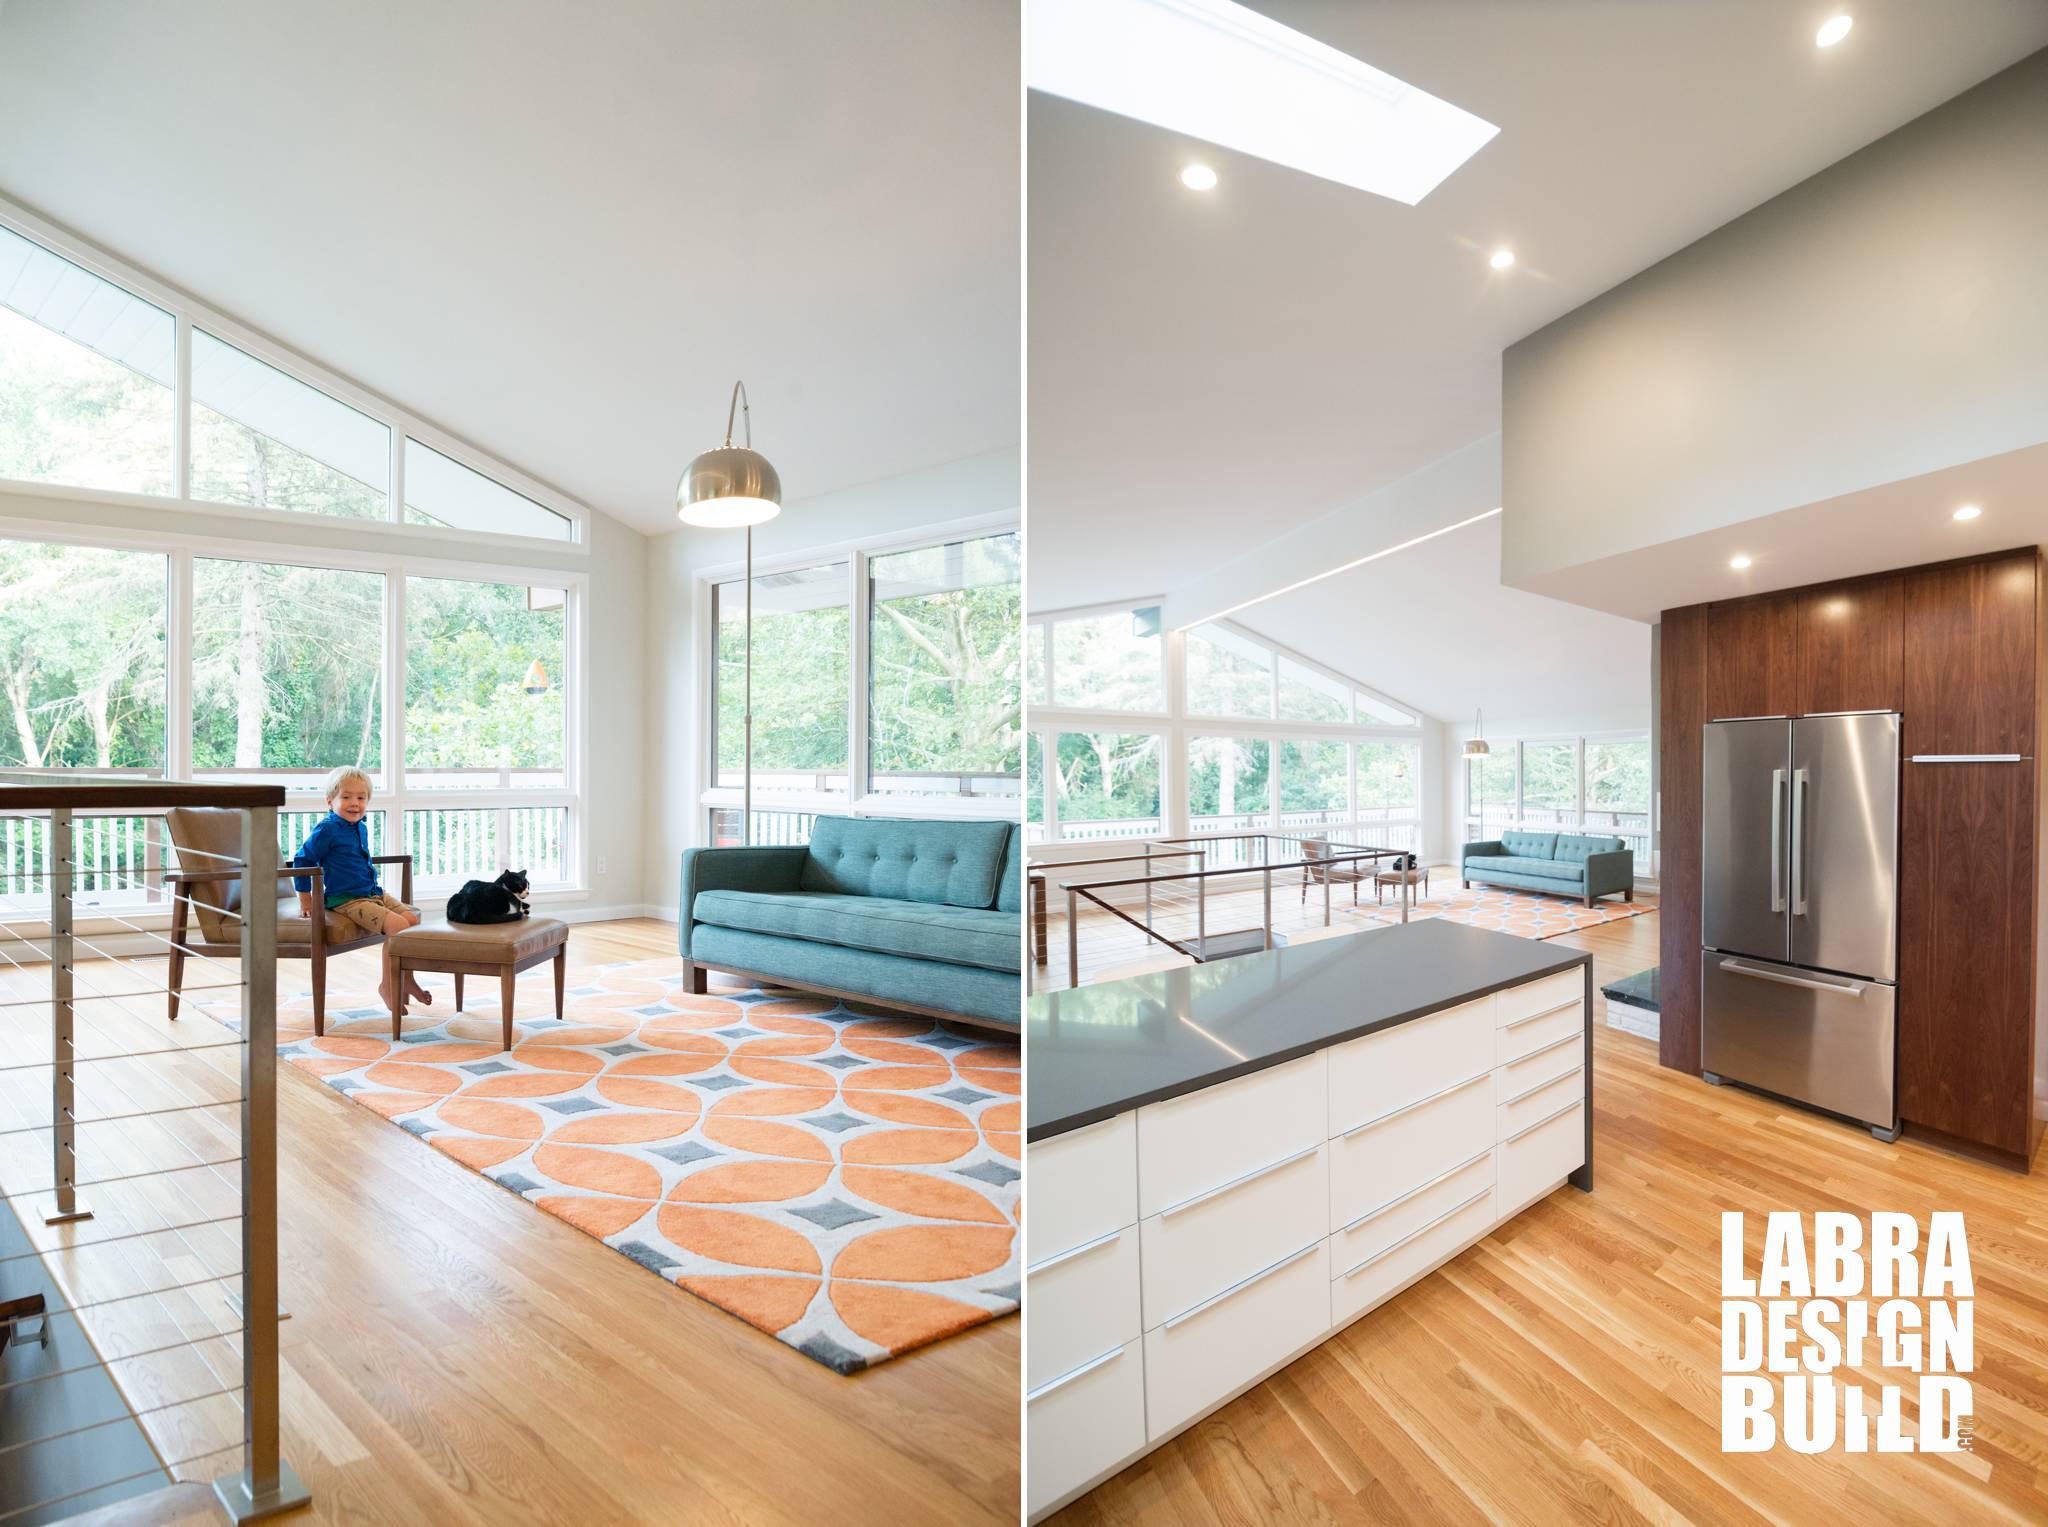 Modern Kitchen Remodel - Franklin, Michigan | Labra Design+Build